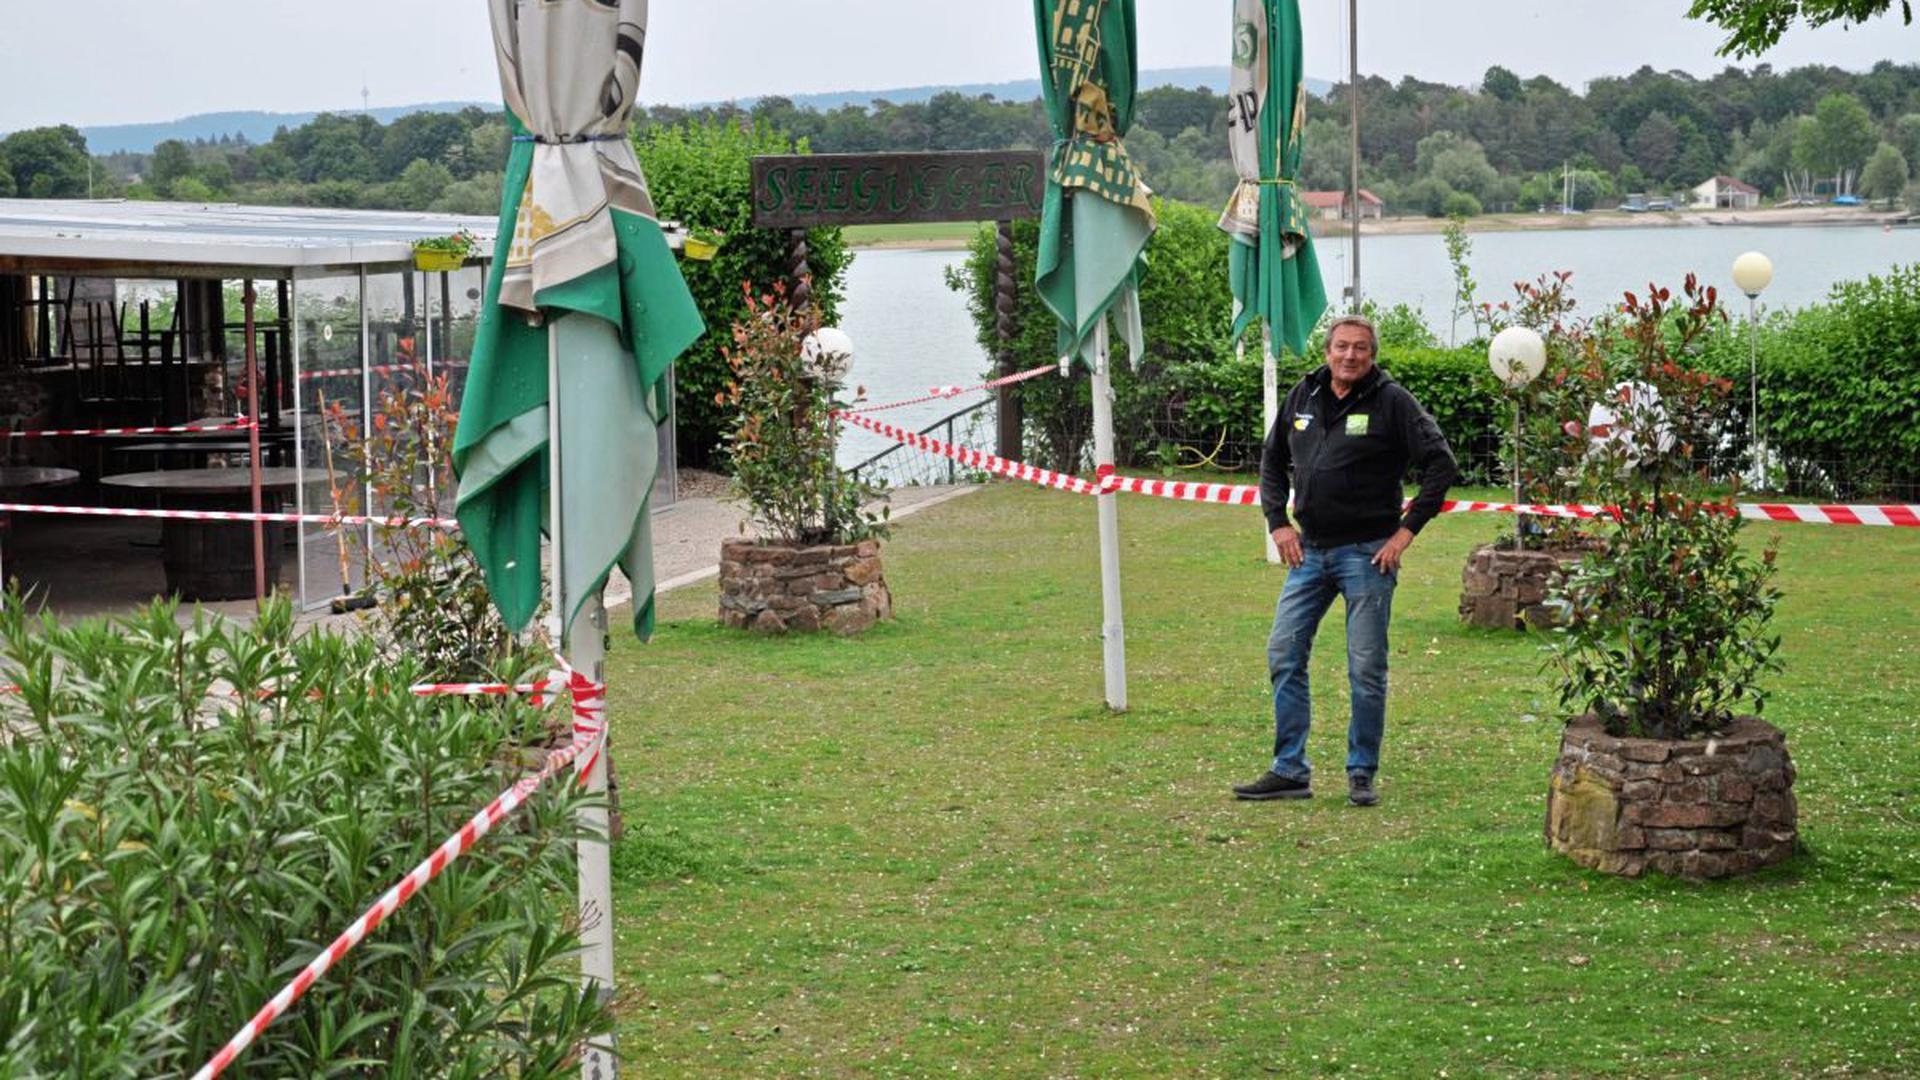 """Harald Sieder, Inhaber des Biergartens """"Seegugger"""" am Epplesee in Rheinstetten, hat für den Betrieb eine spezielle Wegeführung eingerichtet."""